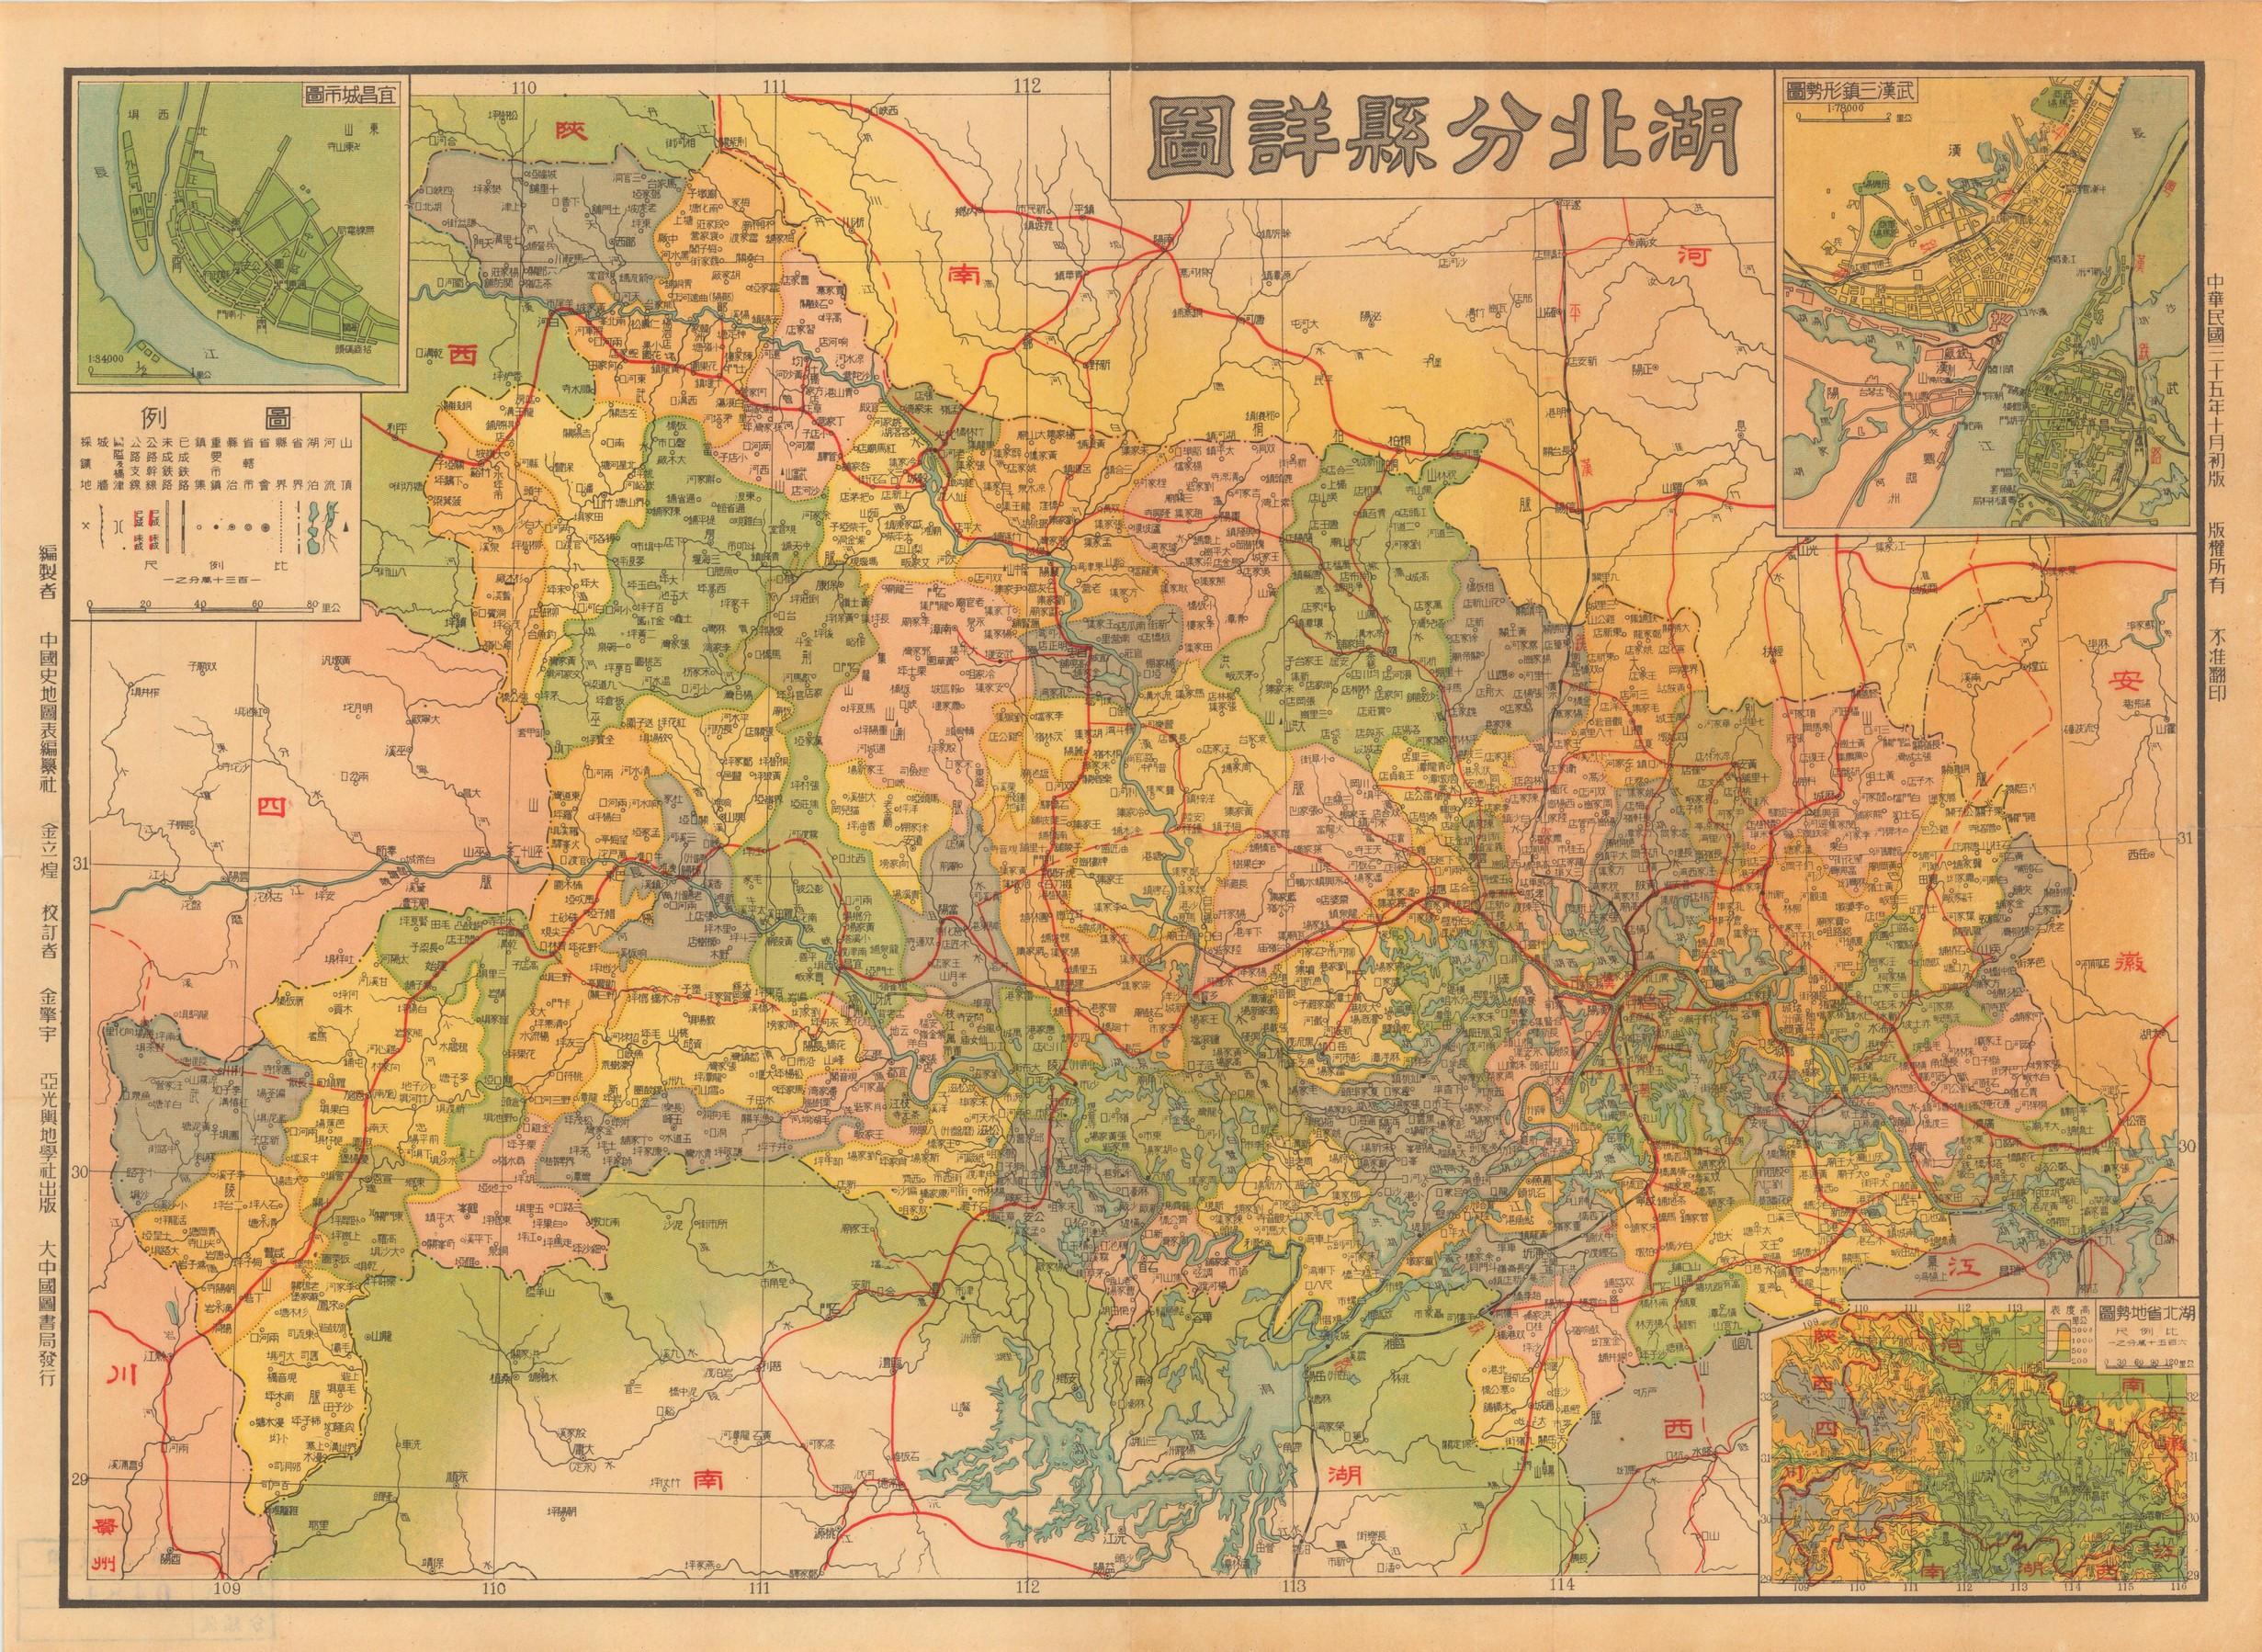 1946年湖北省行政区划